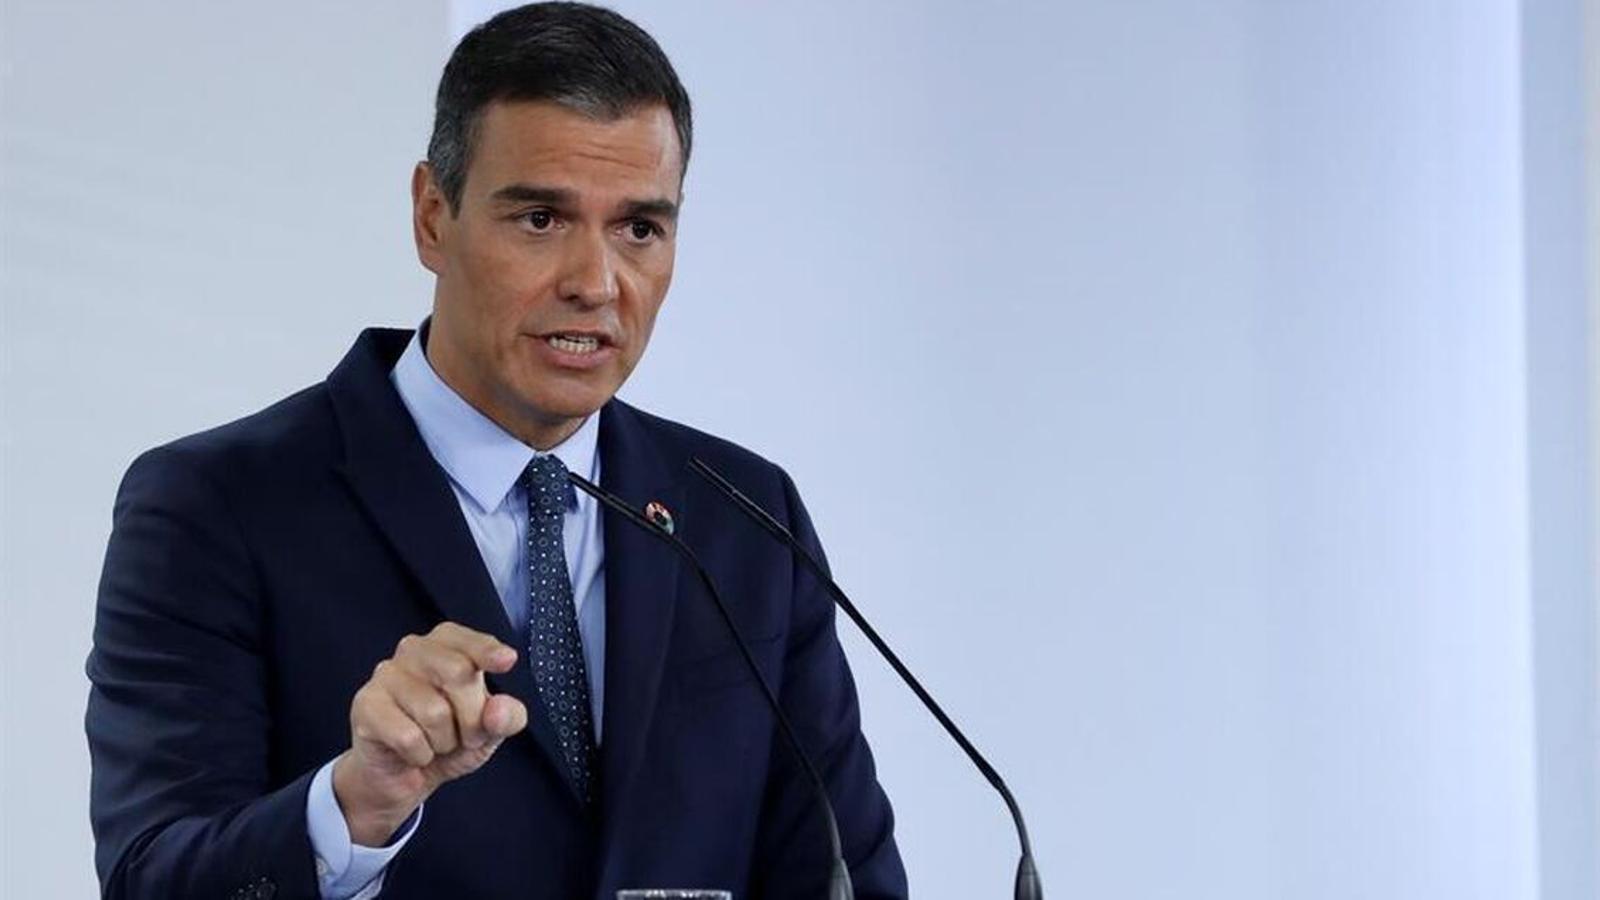 El president del govern espanyol, Pedro Sánchez, durant la presentació aquest dimecres del pla de recuperació econòmica